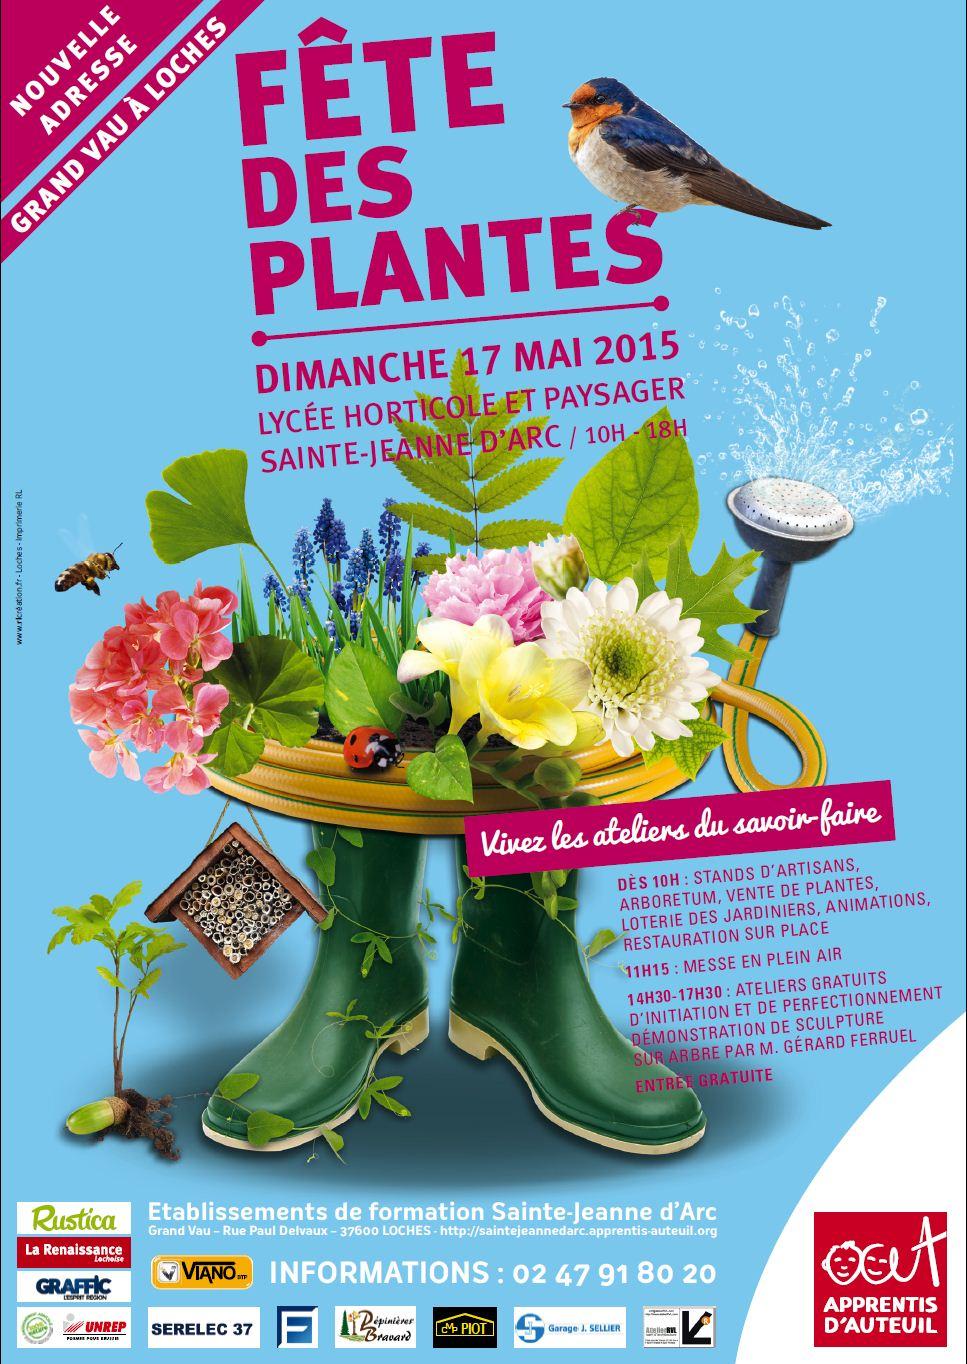 Etablissements de formation sainte jeanne d 39 arc f te des plantes - Fete des plantes chantilly ...